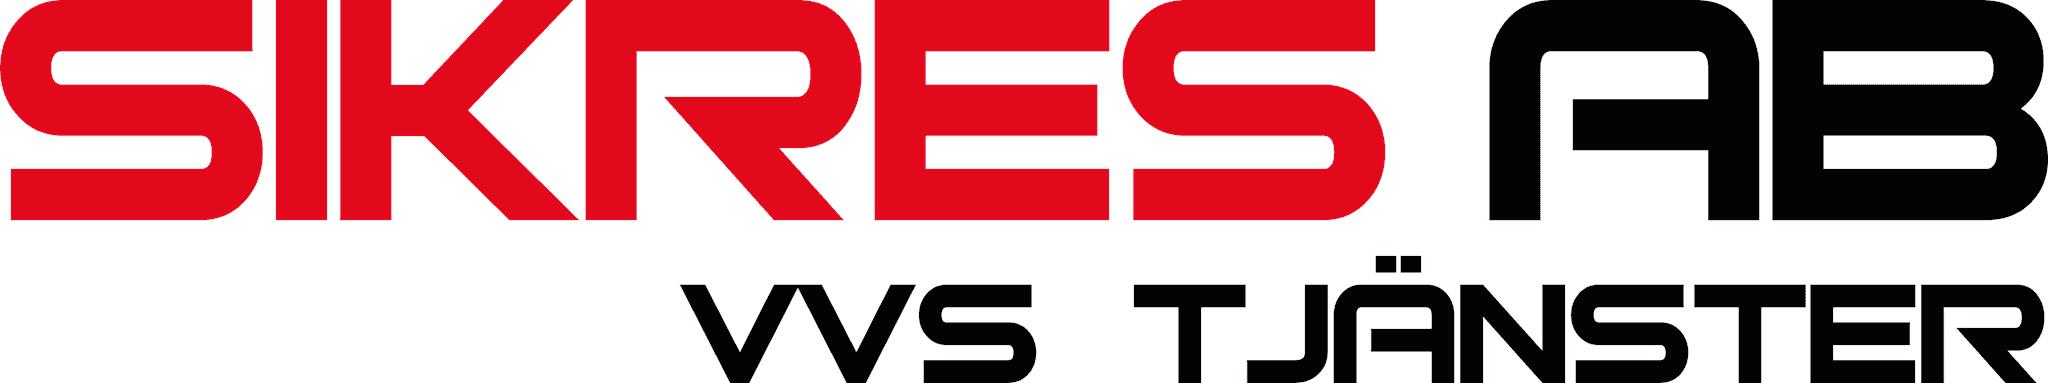 Logotyp för SIKRES AB